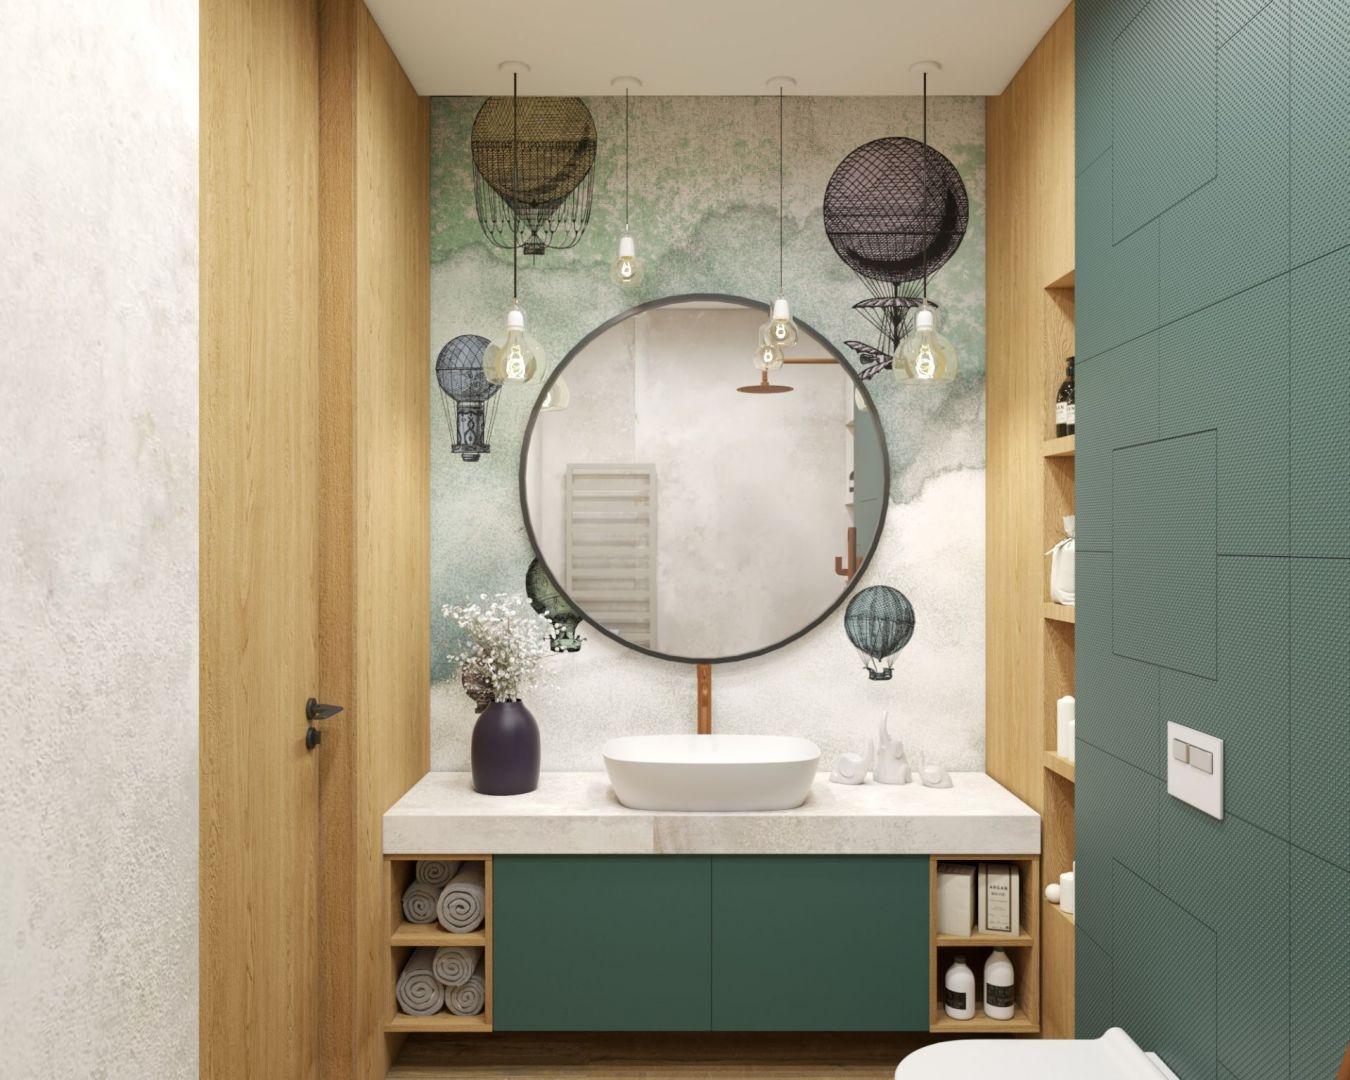 W odróżnieniu od płytek czy kamienia tapeta tworzy w łazience dużą płaszczyznę bez widocznych podziałów. Projekt i zdjęcia: MIKOŁAJSKAstudio